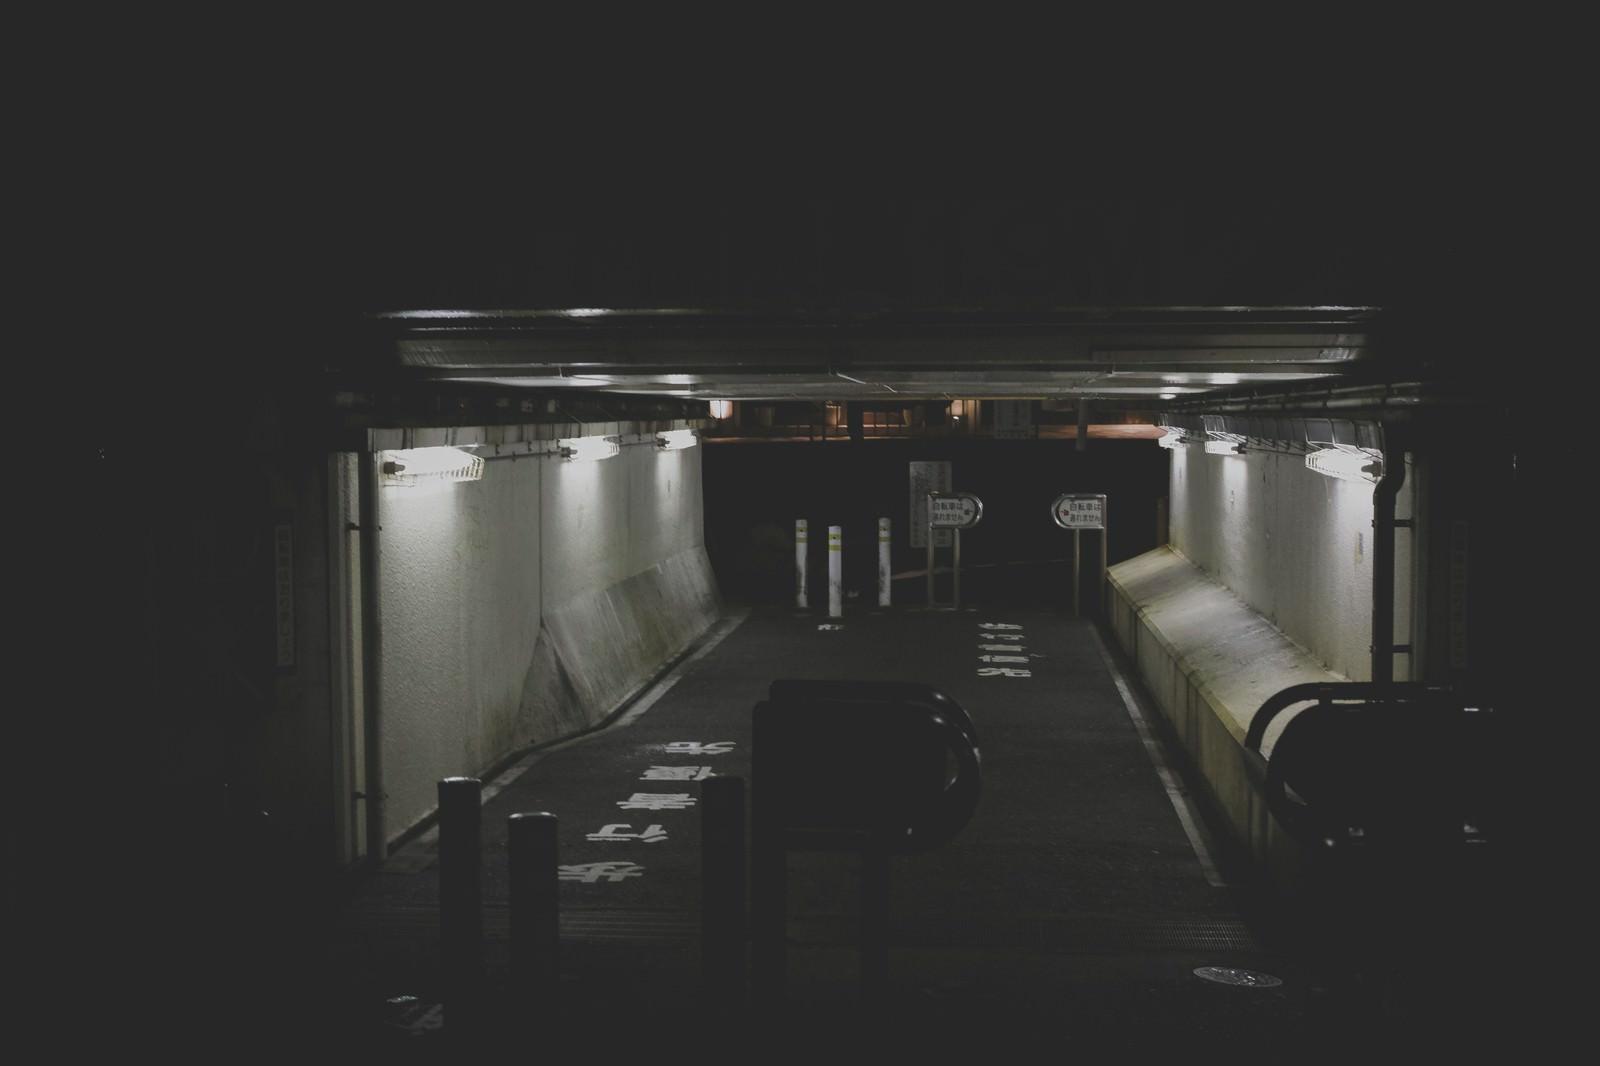 「薄暗い高架下の通路」の写真